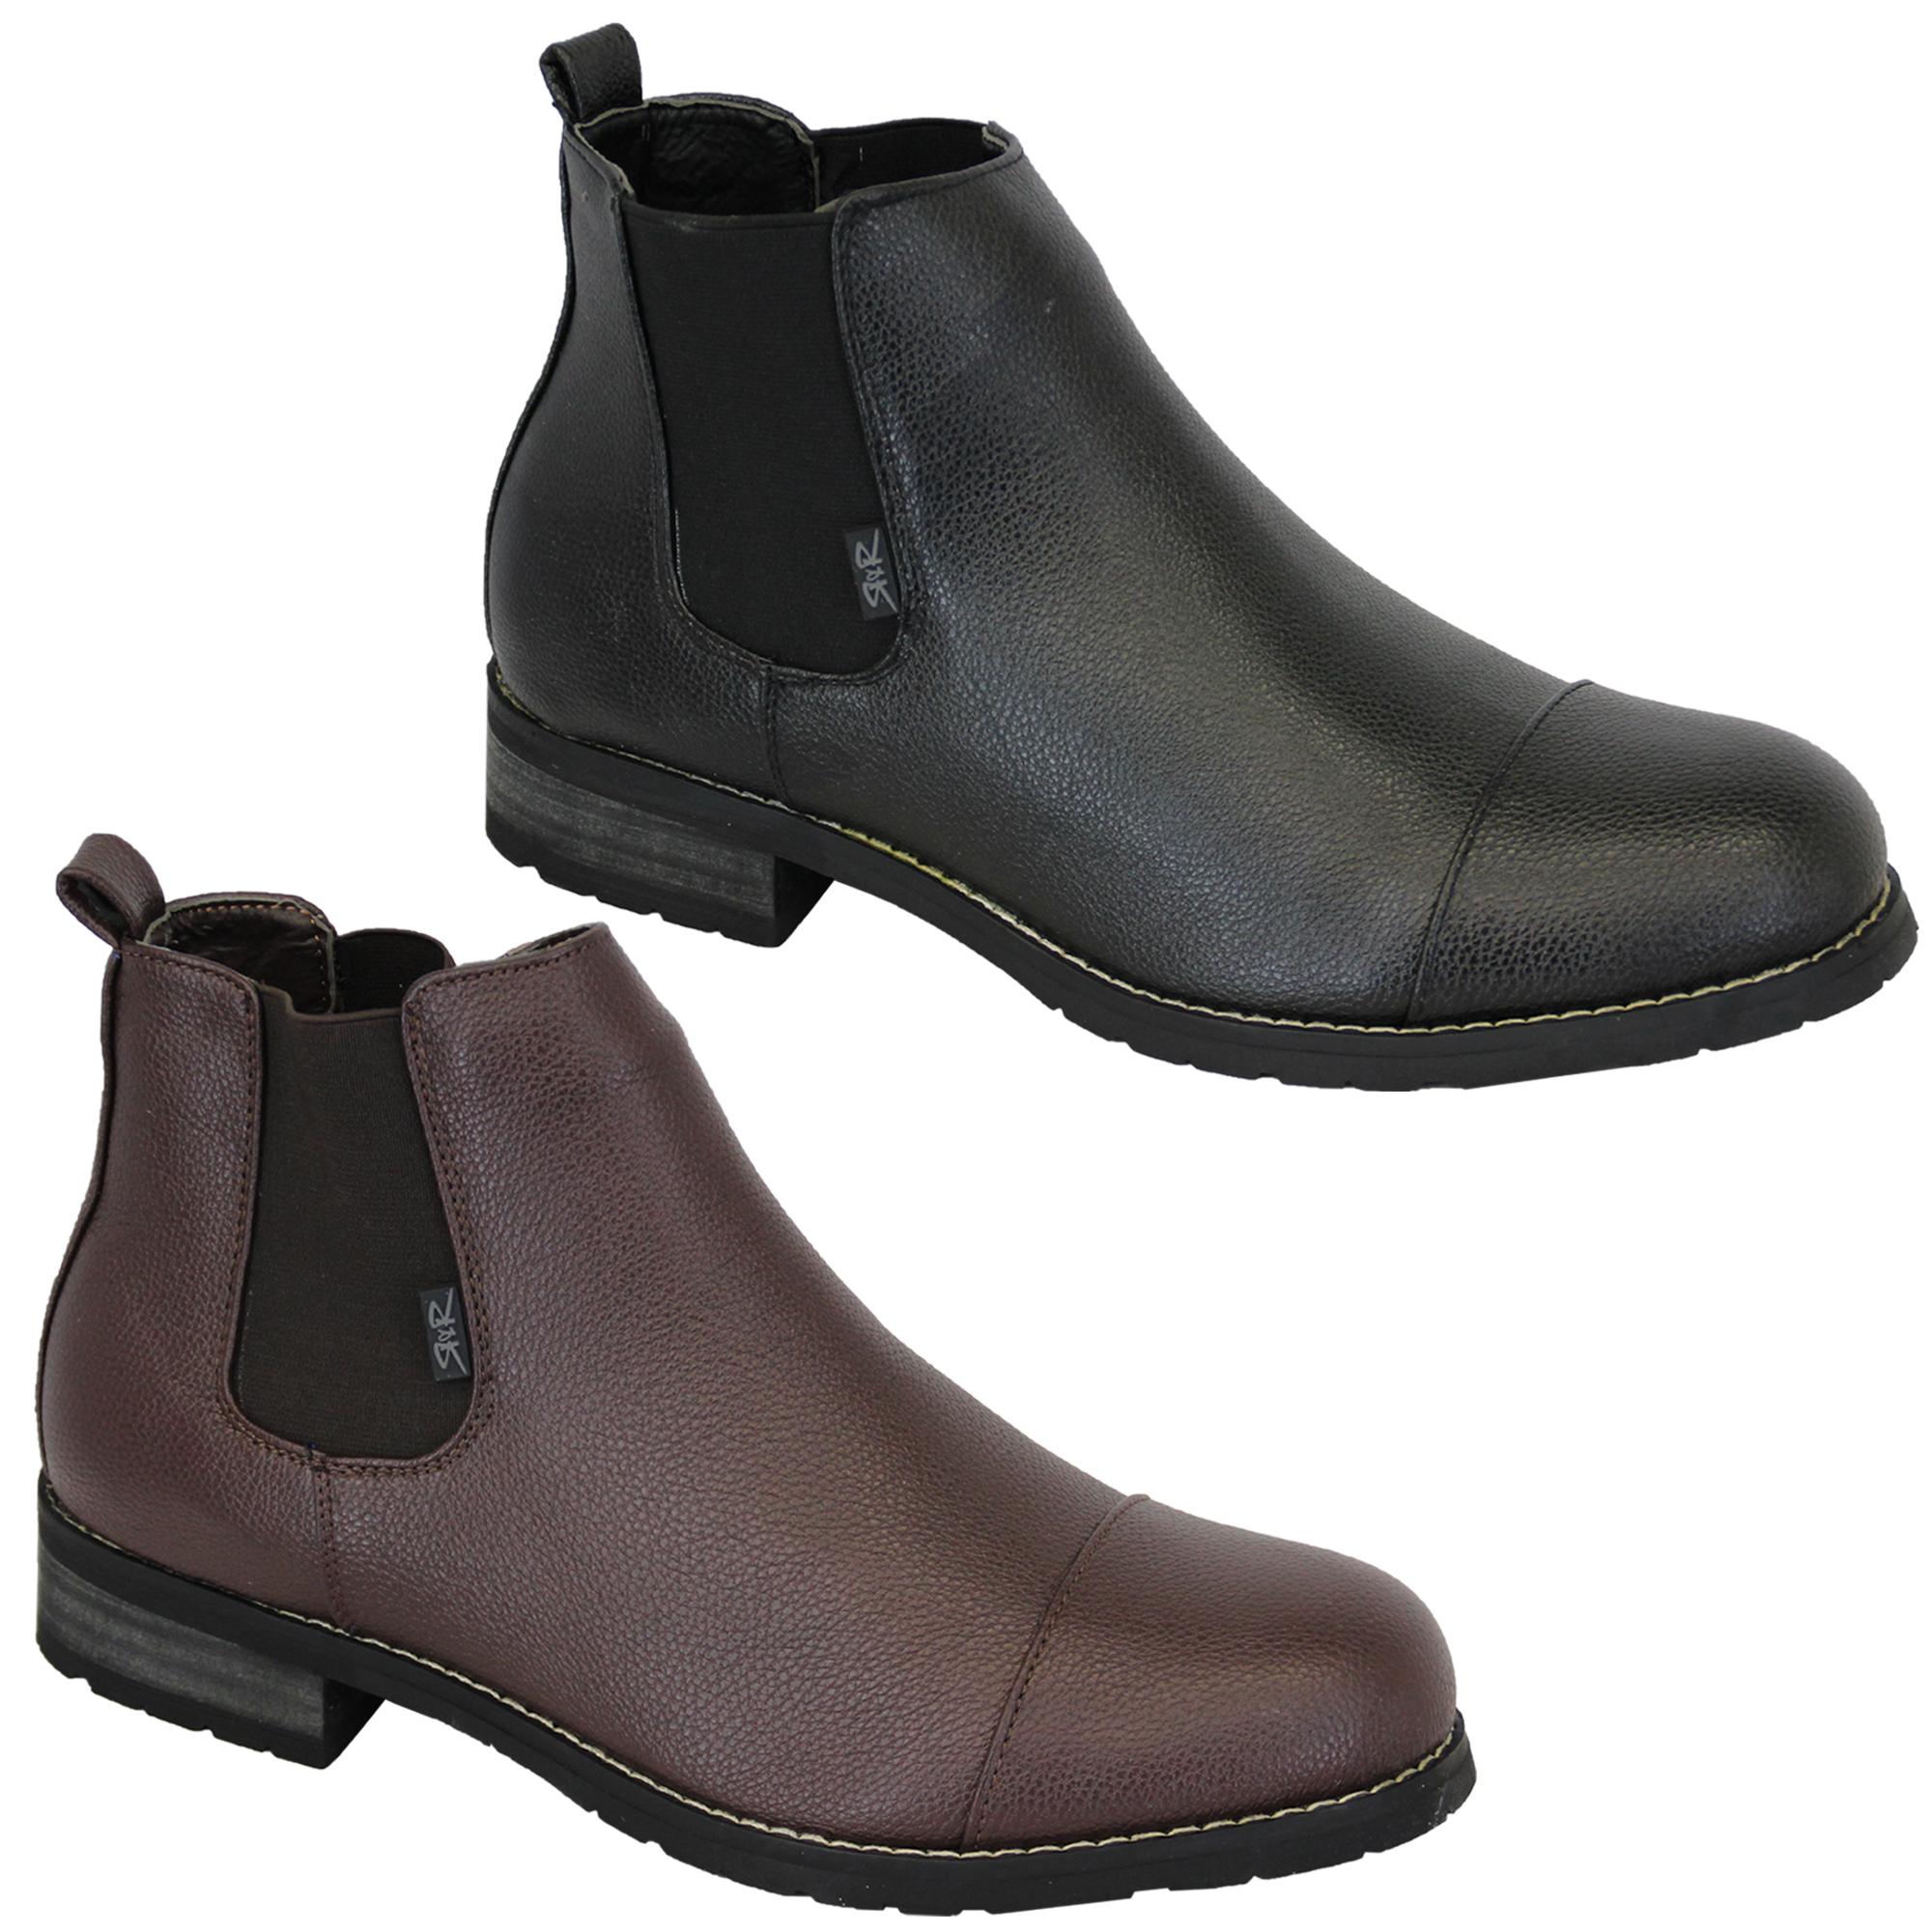 Hombre-Botines-Rock-amp-Religion-DEALER-Alto-Tobillo-Piel-Sintetica-Zapatos-Diseno